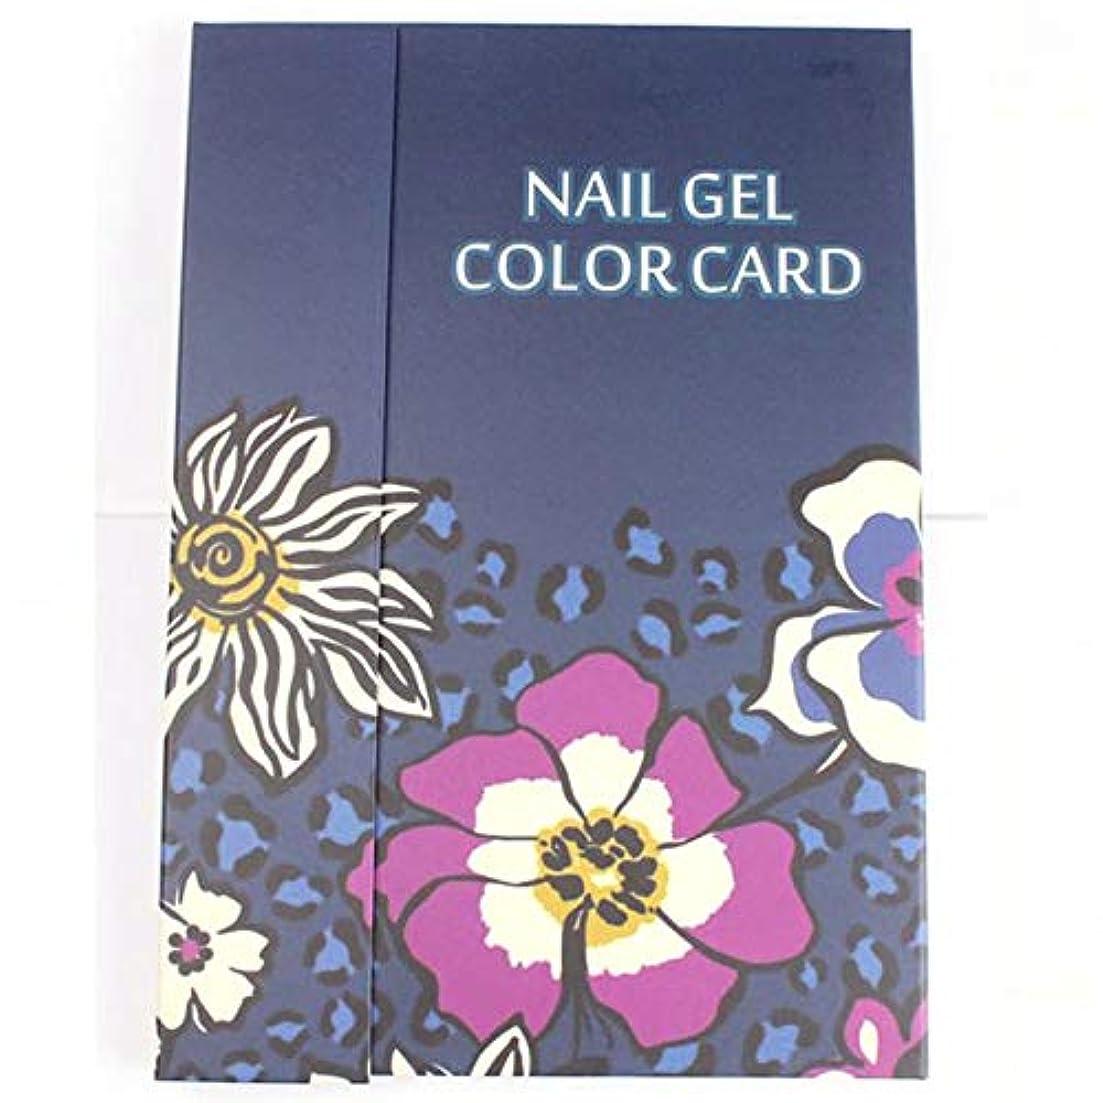 極小時間遅滞DC ネイルカラーカード マニキュア カラーカード 180色 ネイルアート ジェル カード ネイル デザイン 展示ボード